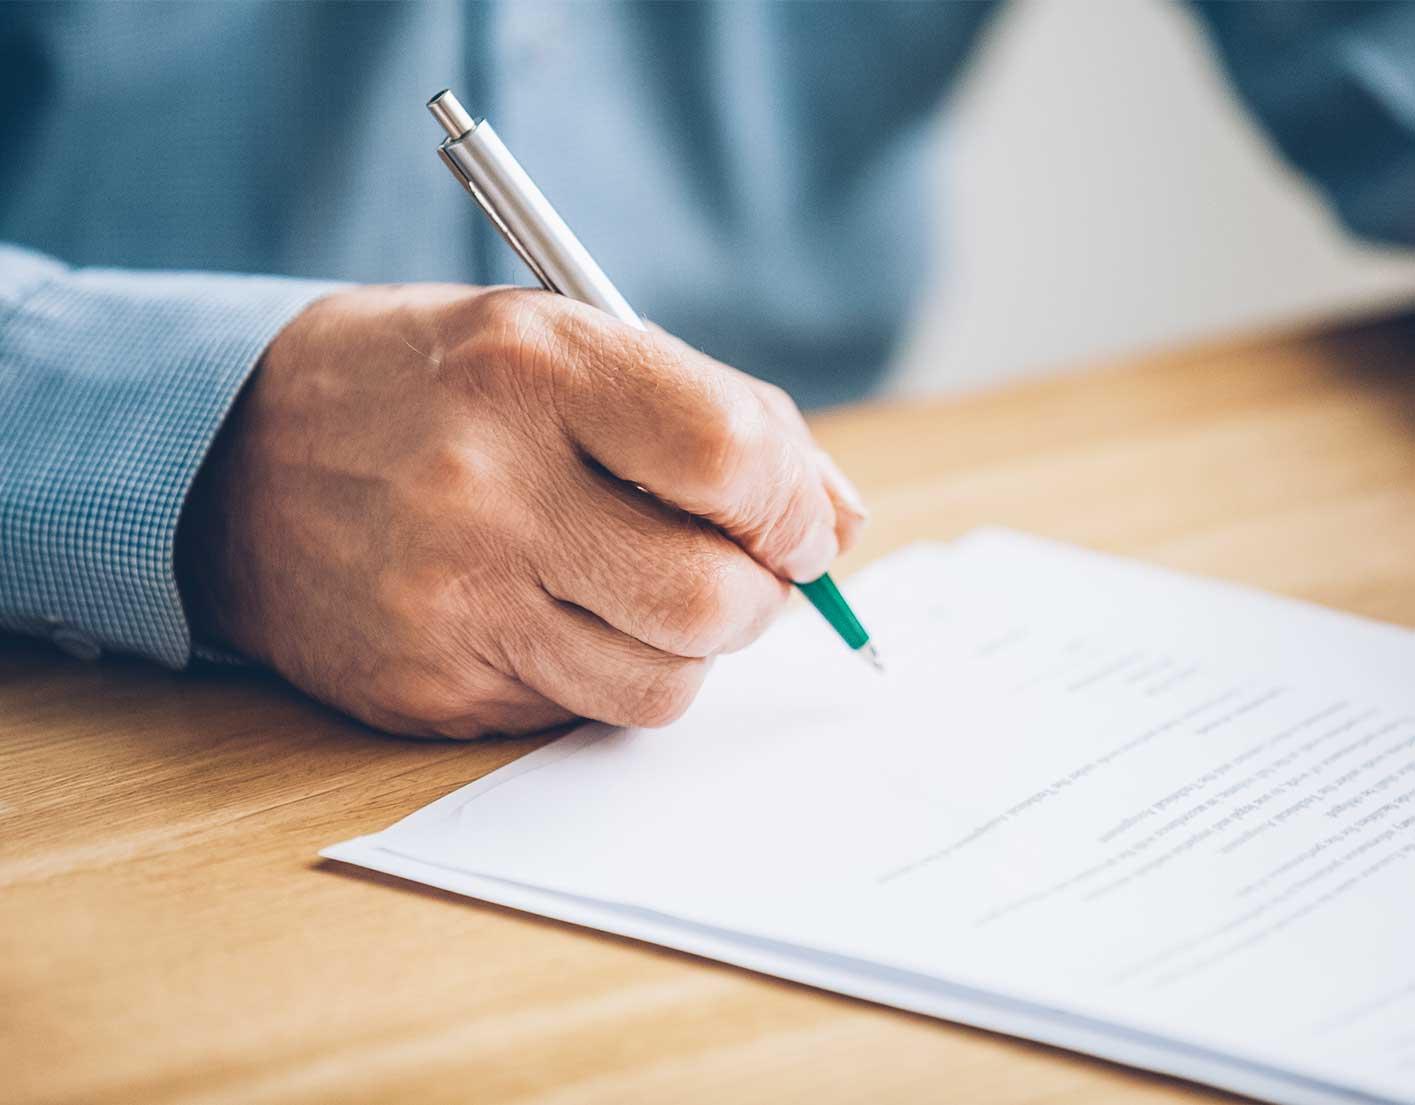 El intenso y largo debate jurídico sobre la posibilidad de que los extranjeros residentes puedan hacer Pactos Sucesorios según la Normativa Balear. Comentarios a la Sentencia 1/2021 del Tribunal Superior de Justicia de las Islas Baleares.